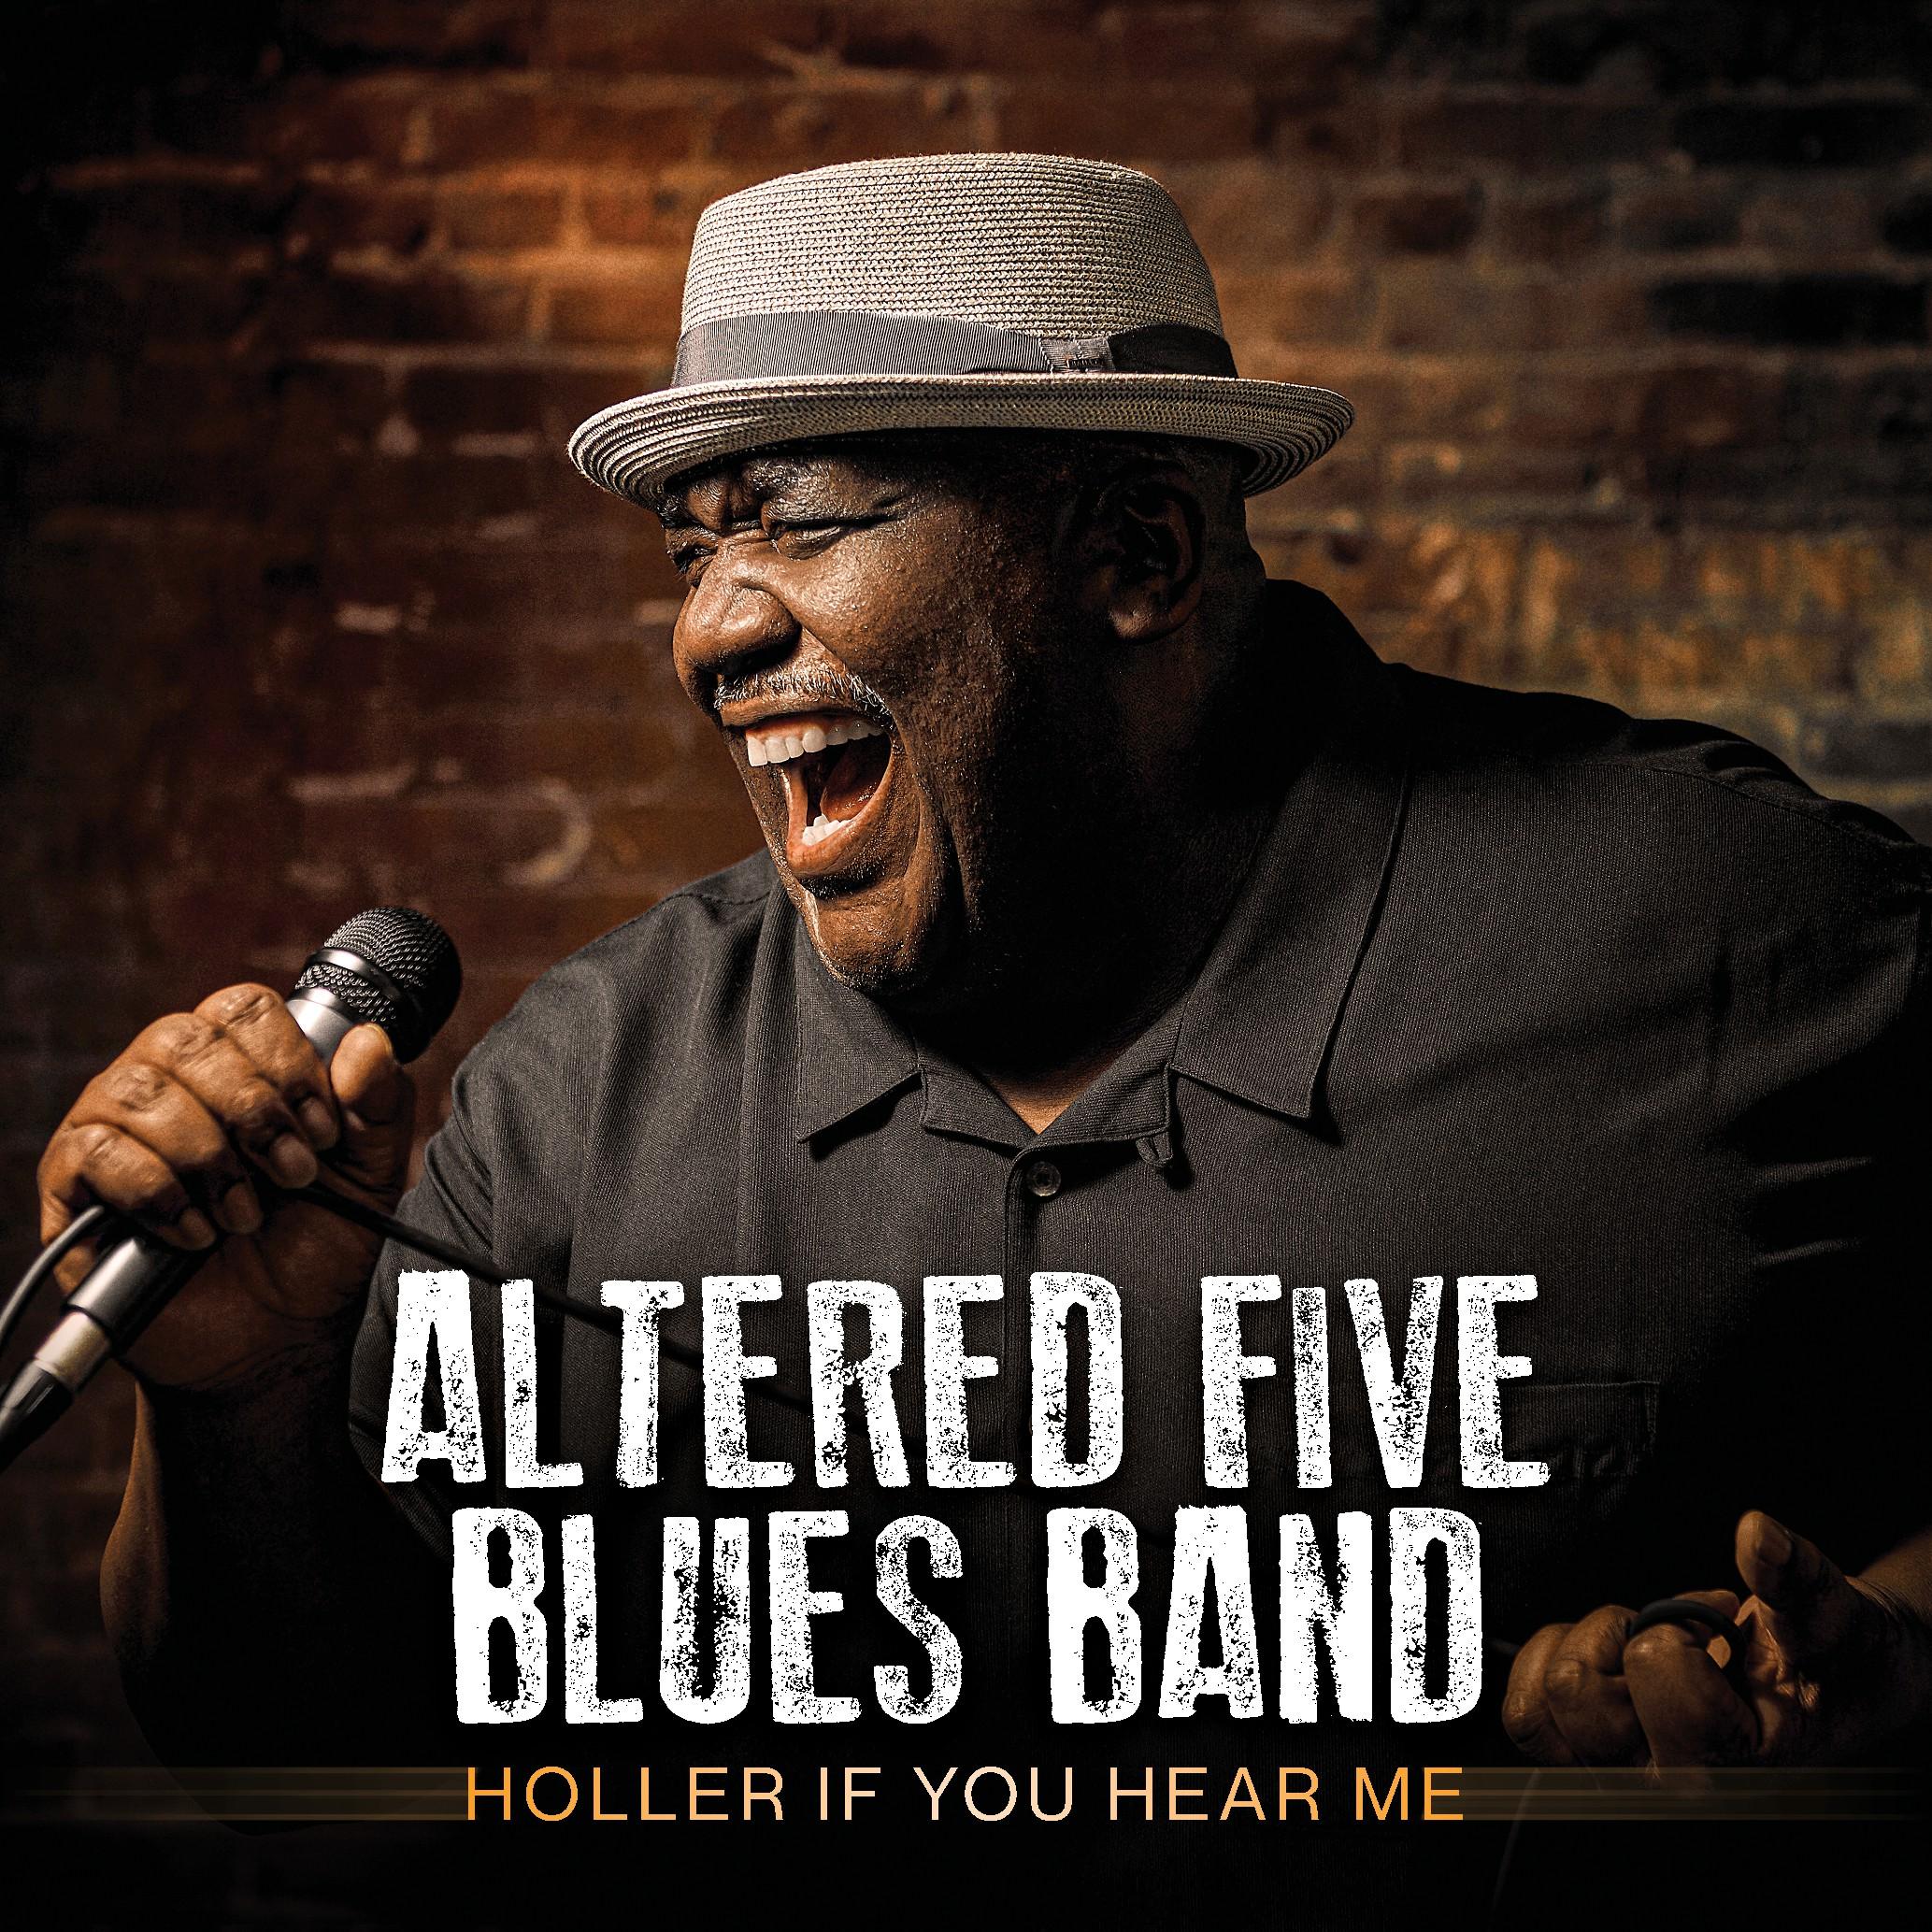 Design the album cover for a popular contemporary blues band